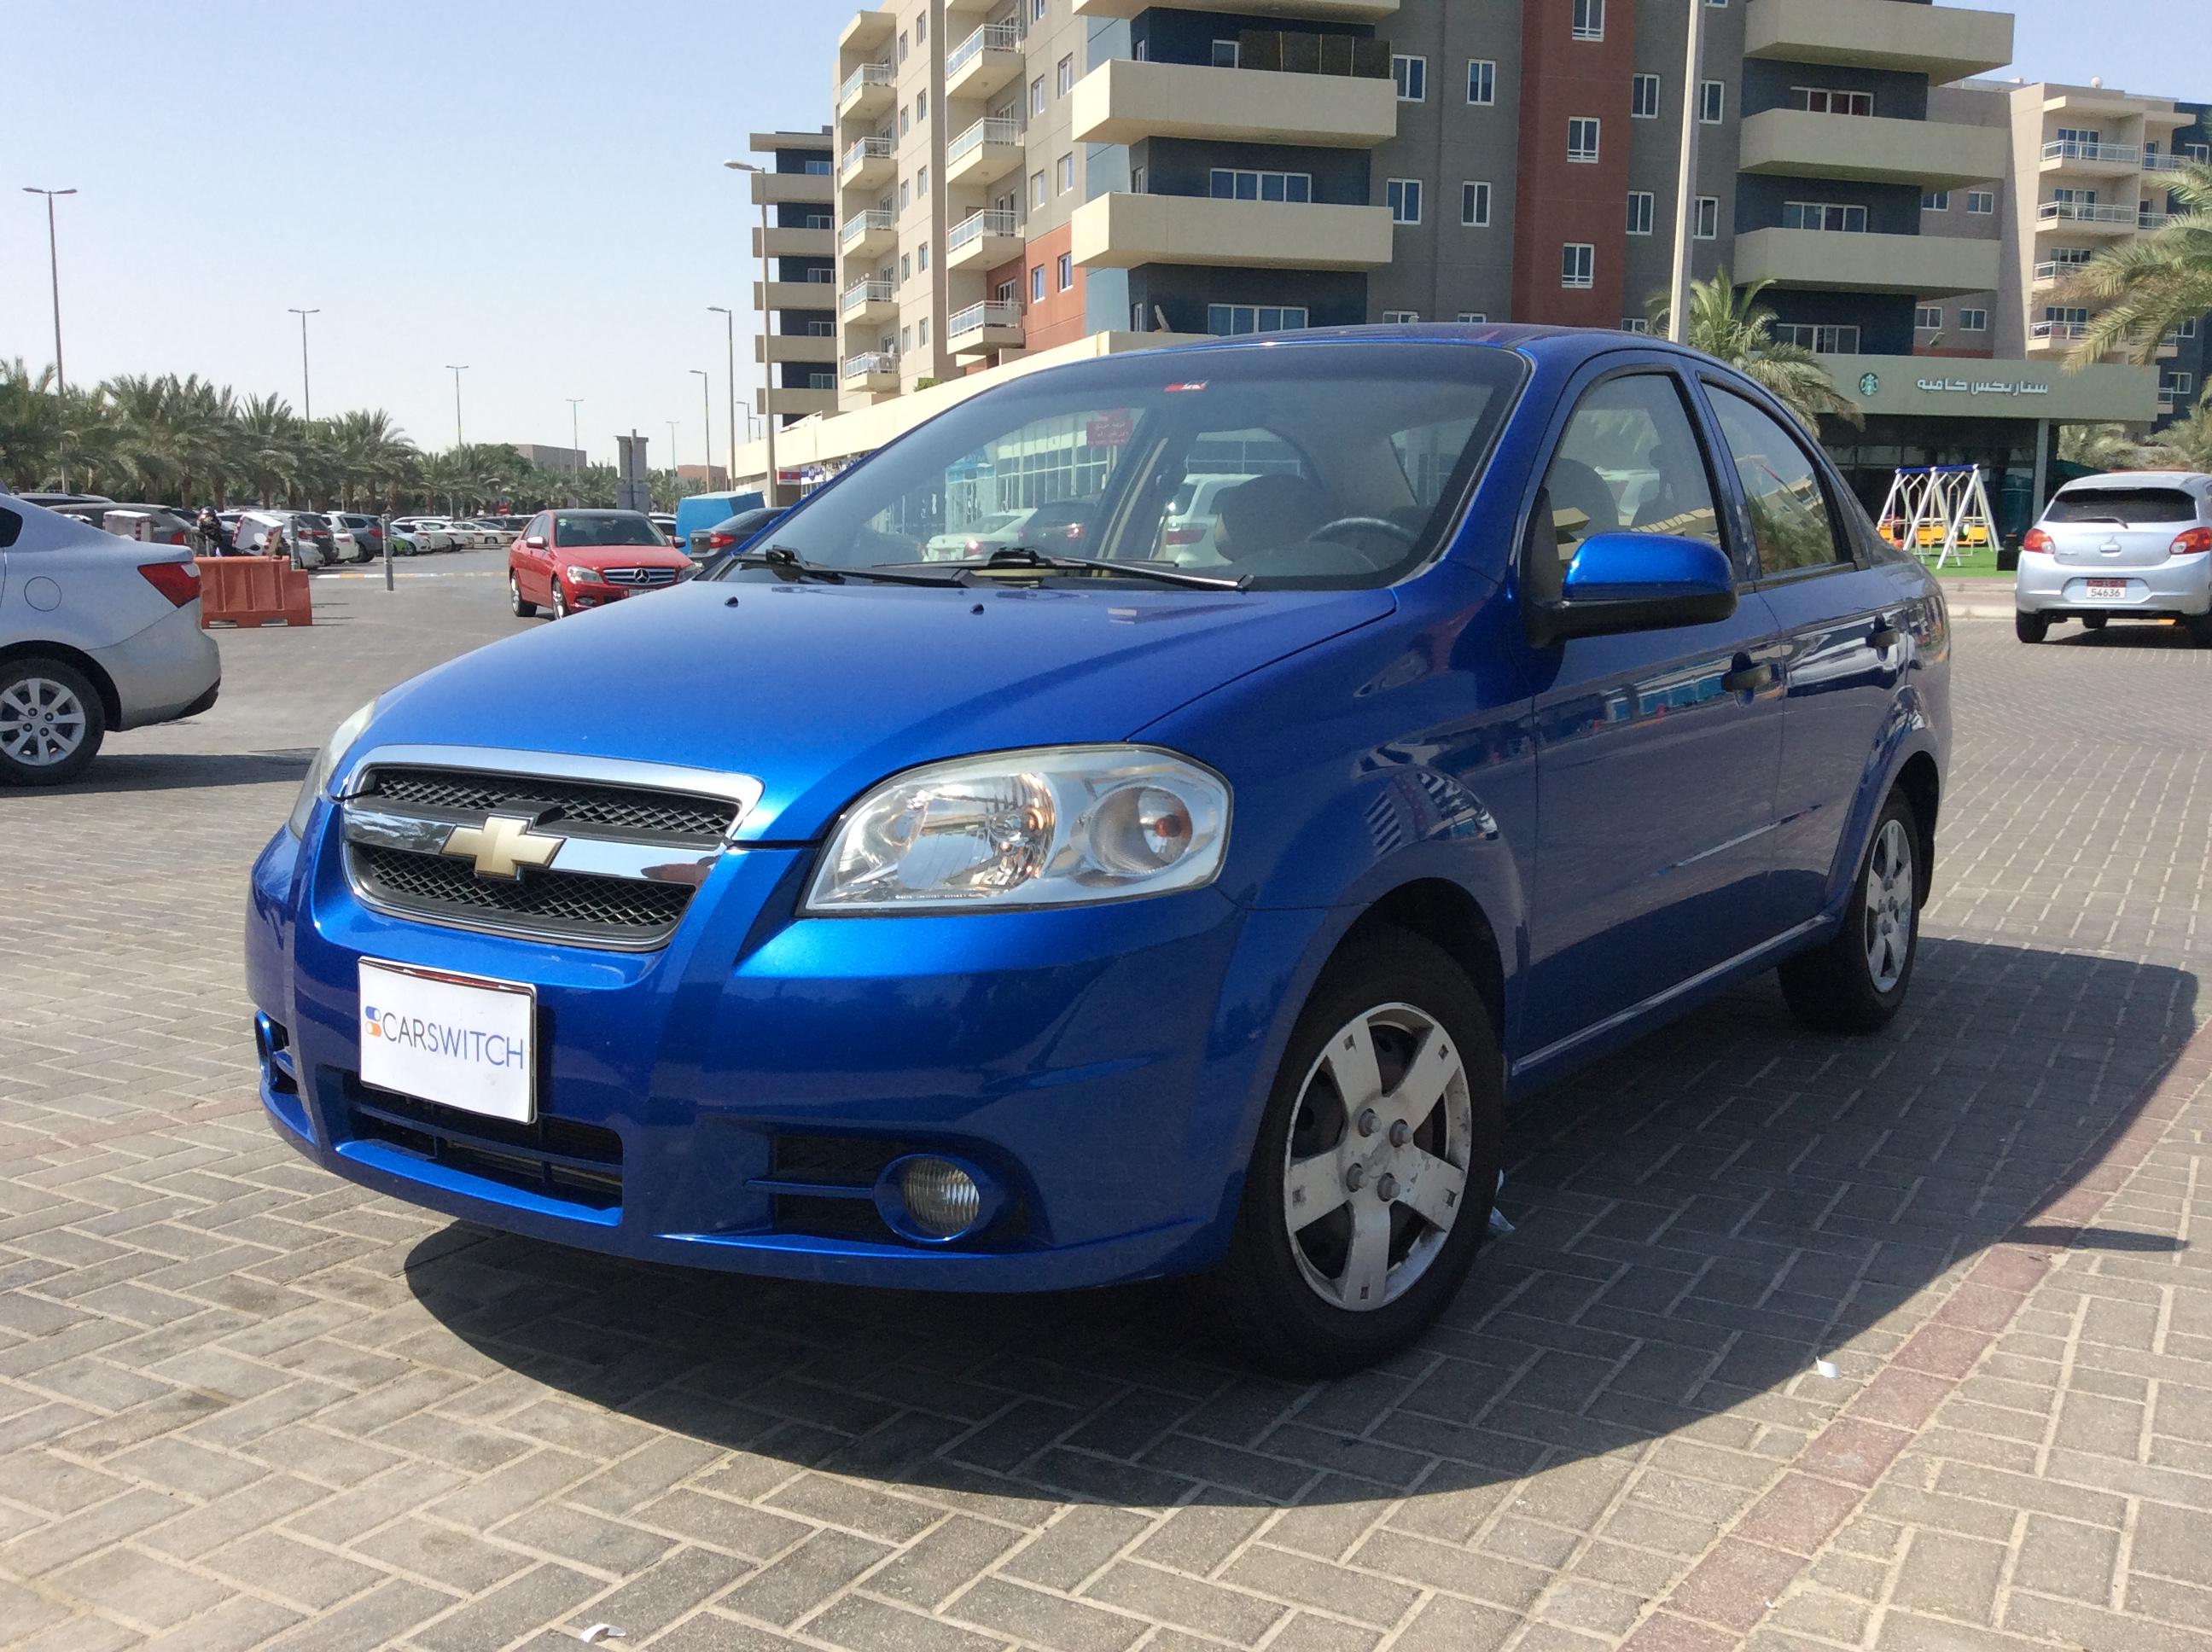 Kelebihan Kekurangan Chevrolet Aveo 2014 Review